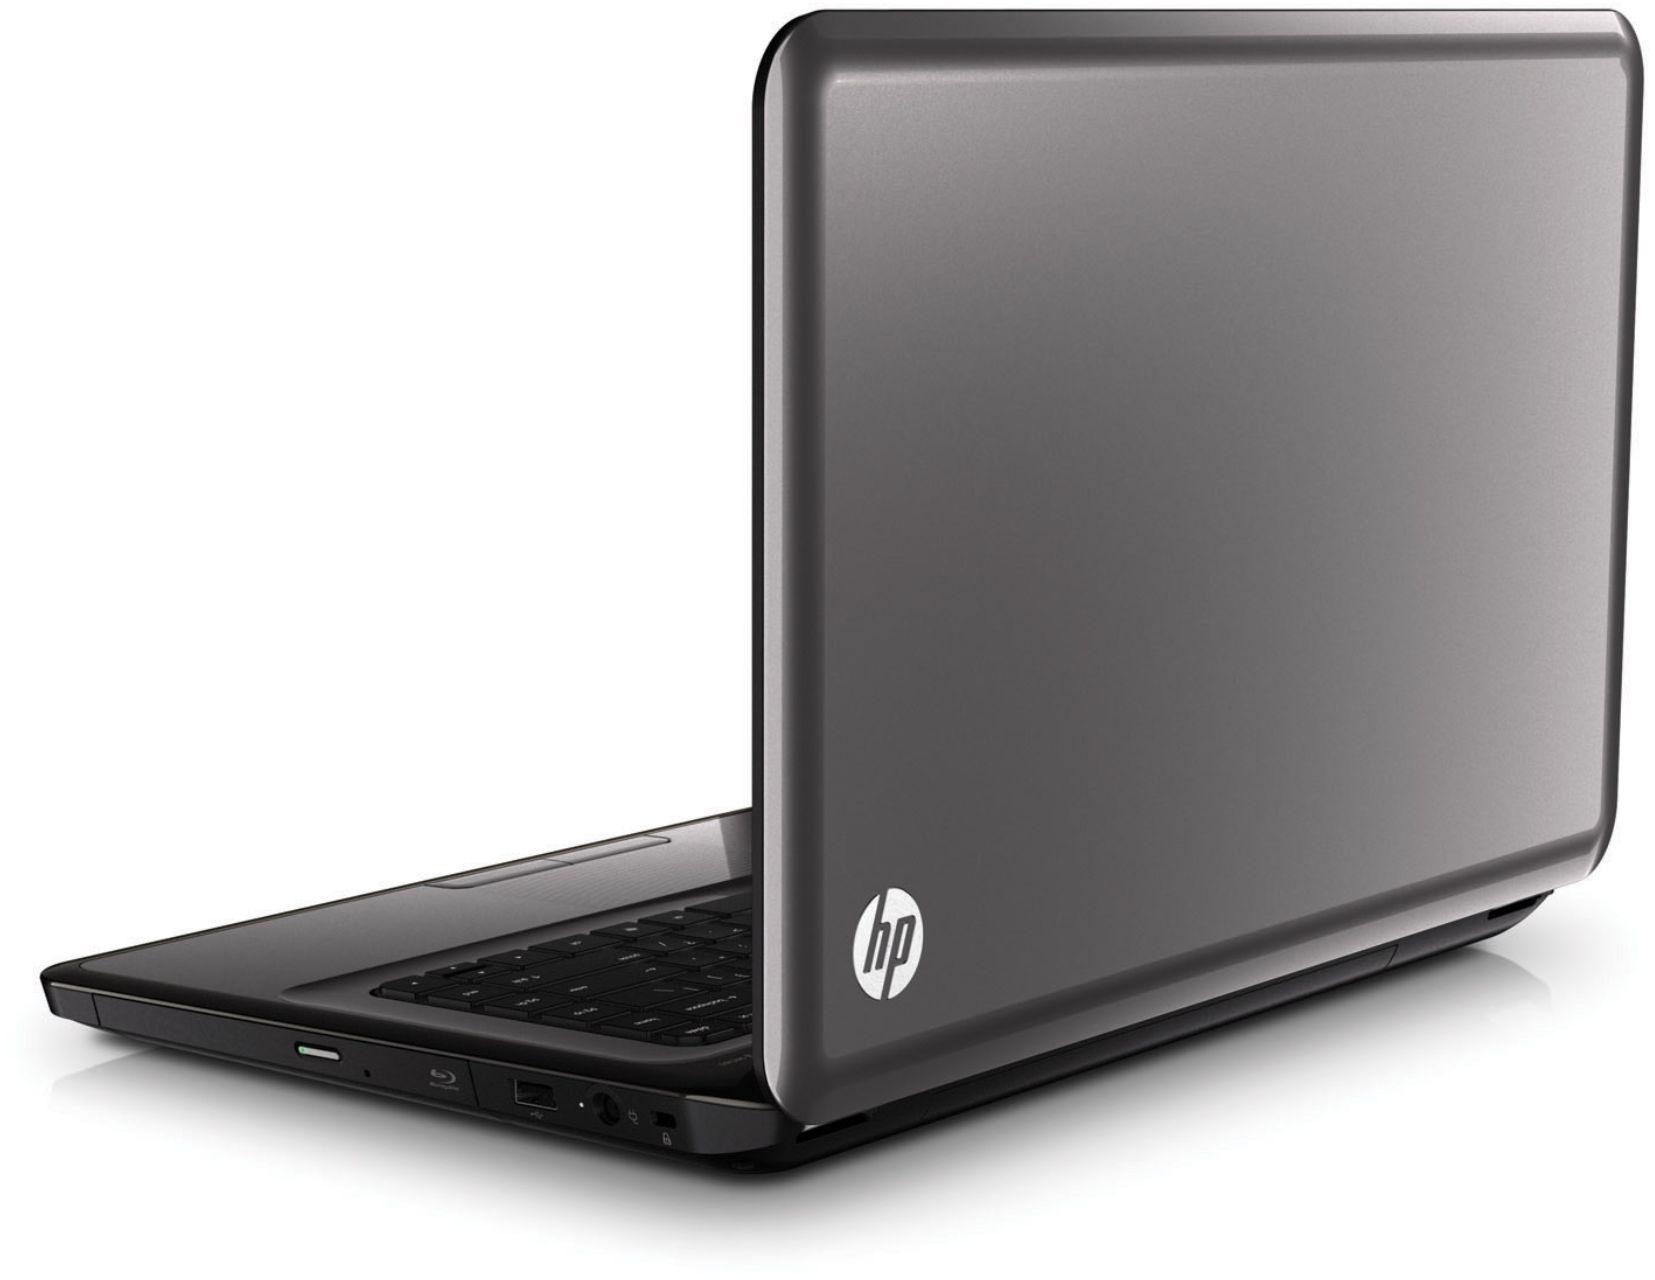 Купить ноутбук HP Pavilion g61053er1053er цены